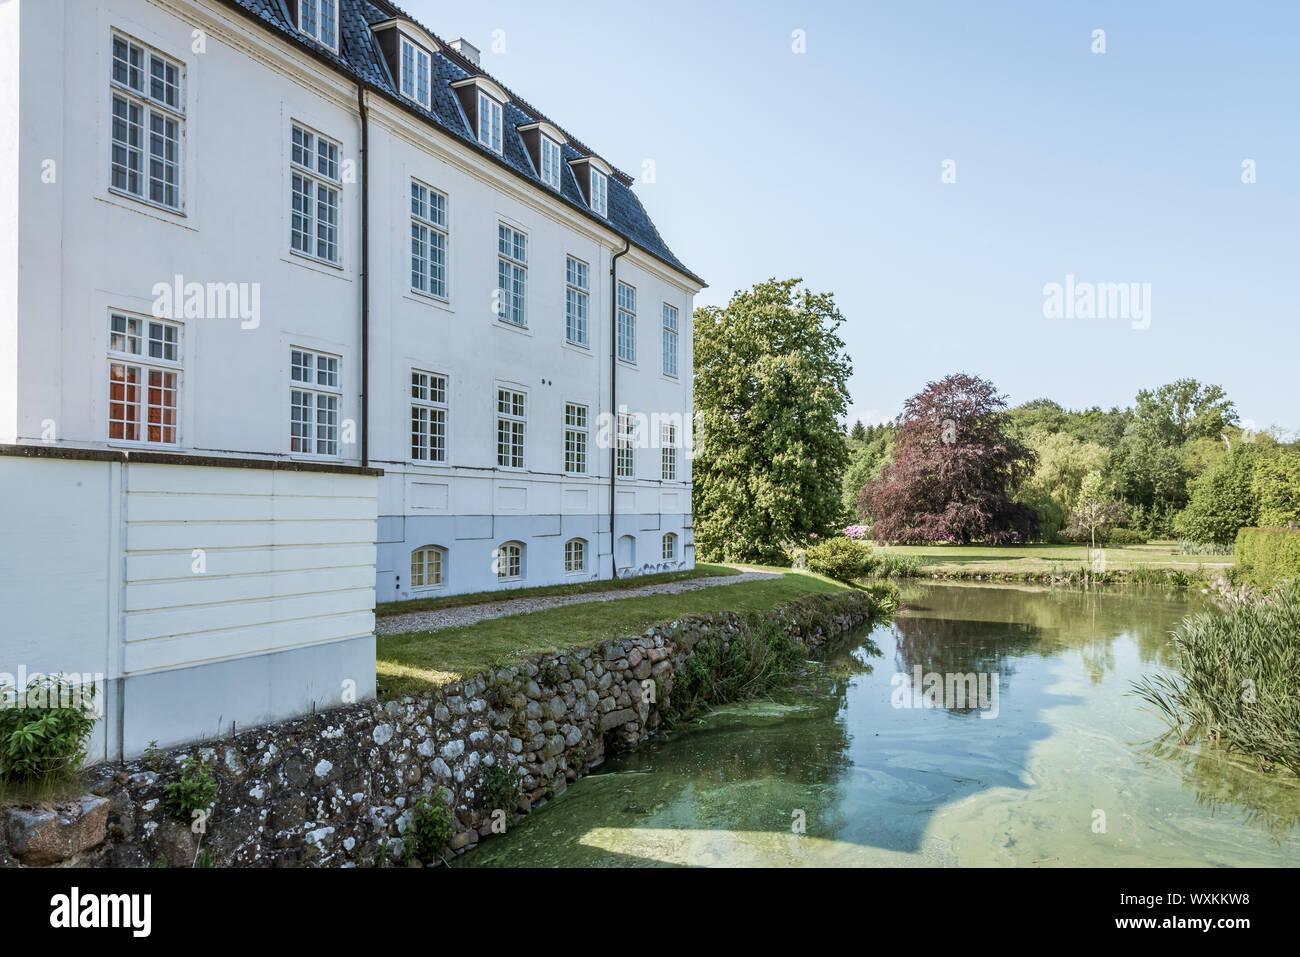 Il castello di Hvidkilde nel sud della regione di Funen, un grande edificio bianco con un fossato, Funen, Danimarca, luglio 12, 2019 Foto Stock